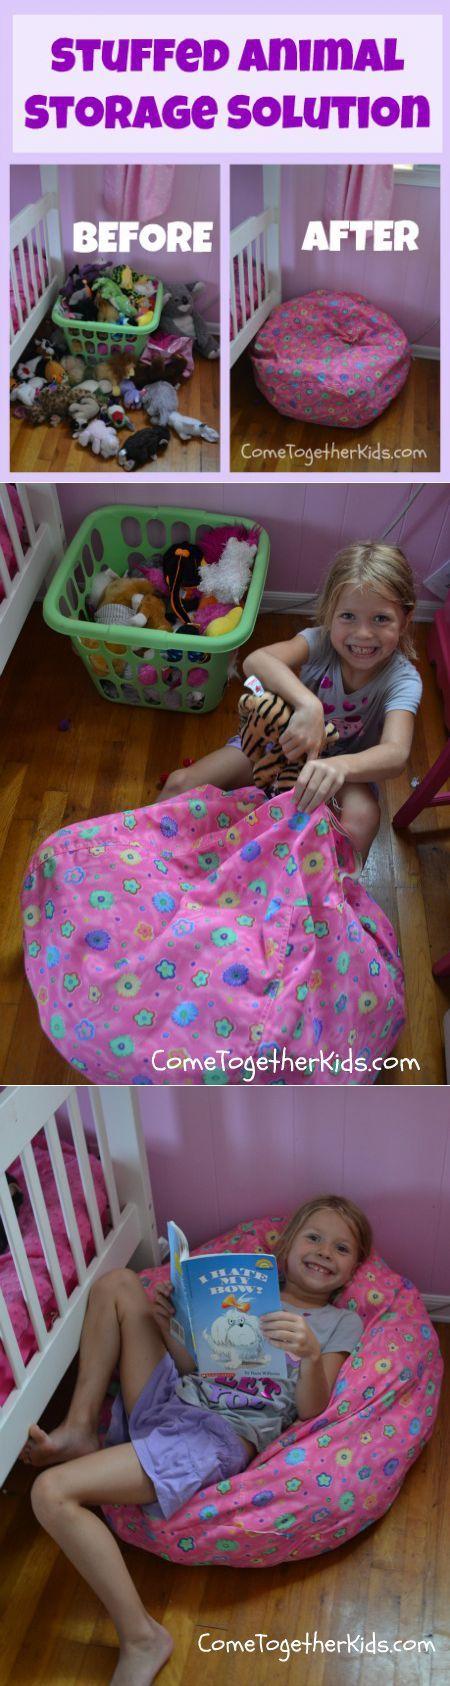 Кресло-мешок и мешок для хранения игрушек - 2 в 1 | ВСЁ для ДЕТОК | Постила